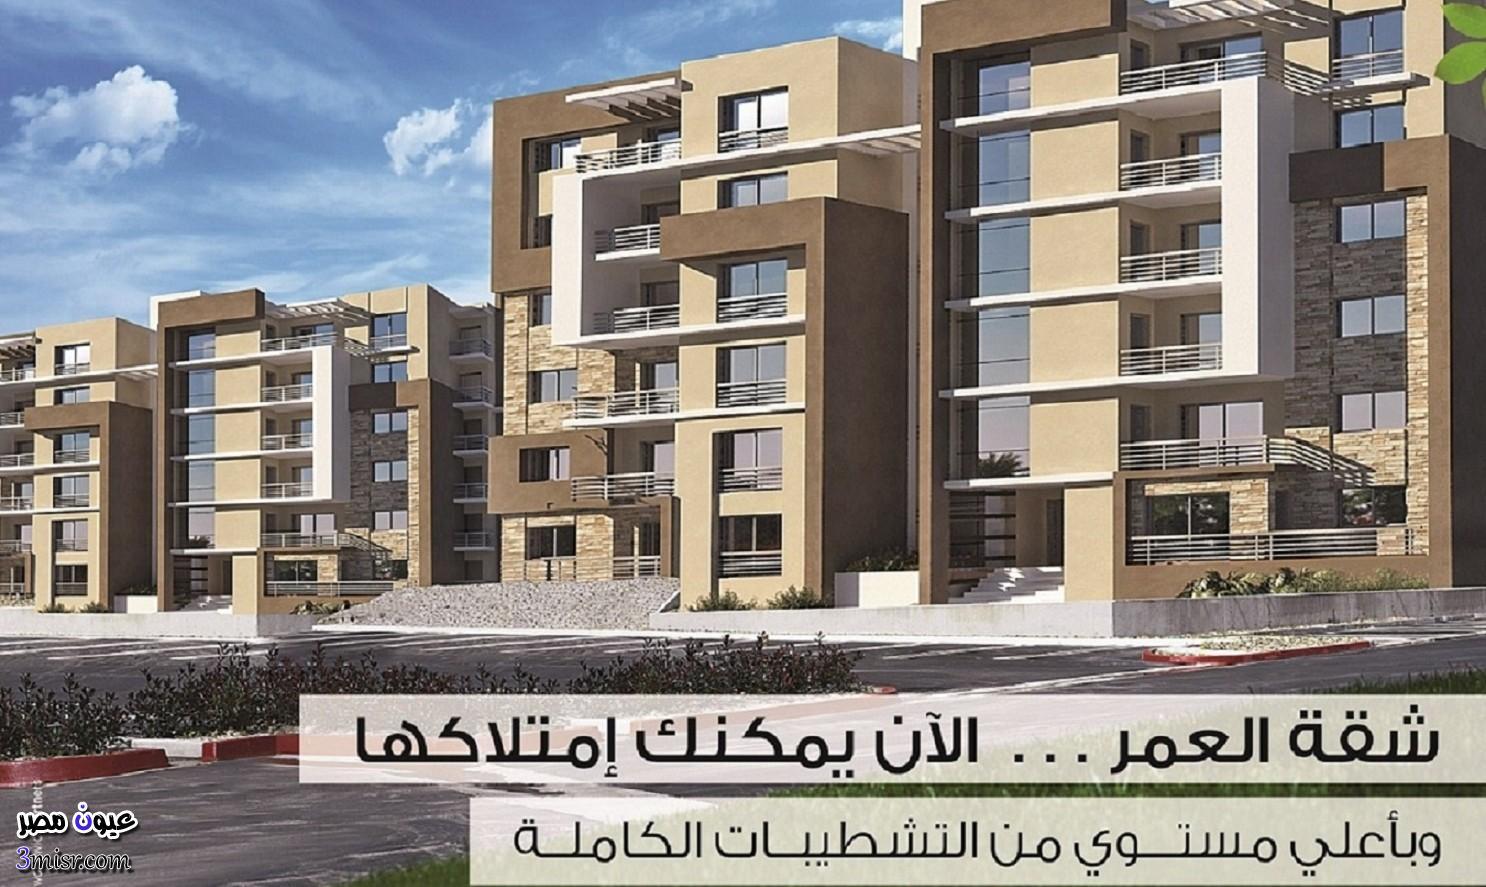 بنك الاسكان والتعمير نتيجة قرعة دار مصر المرحلة الثانية